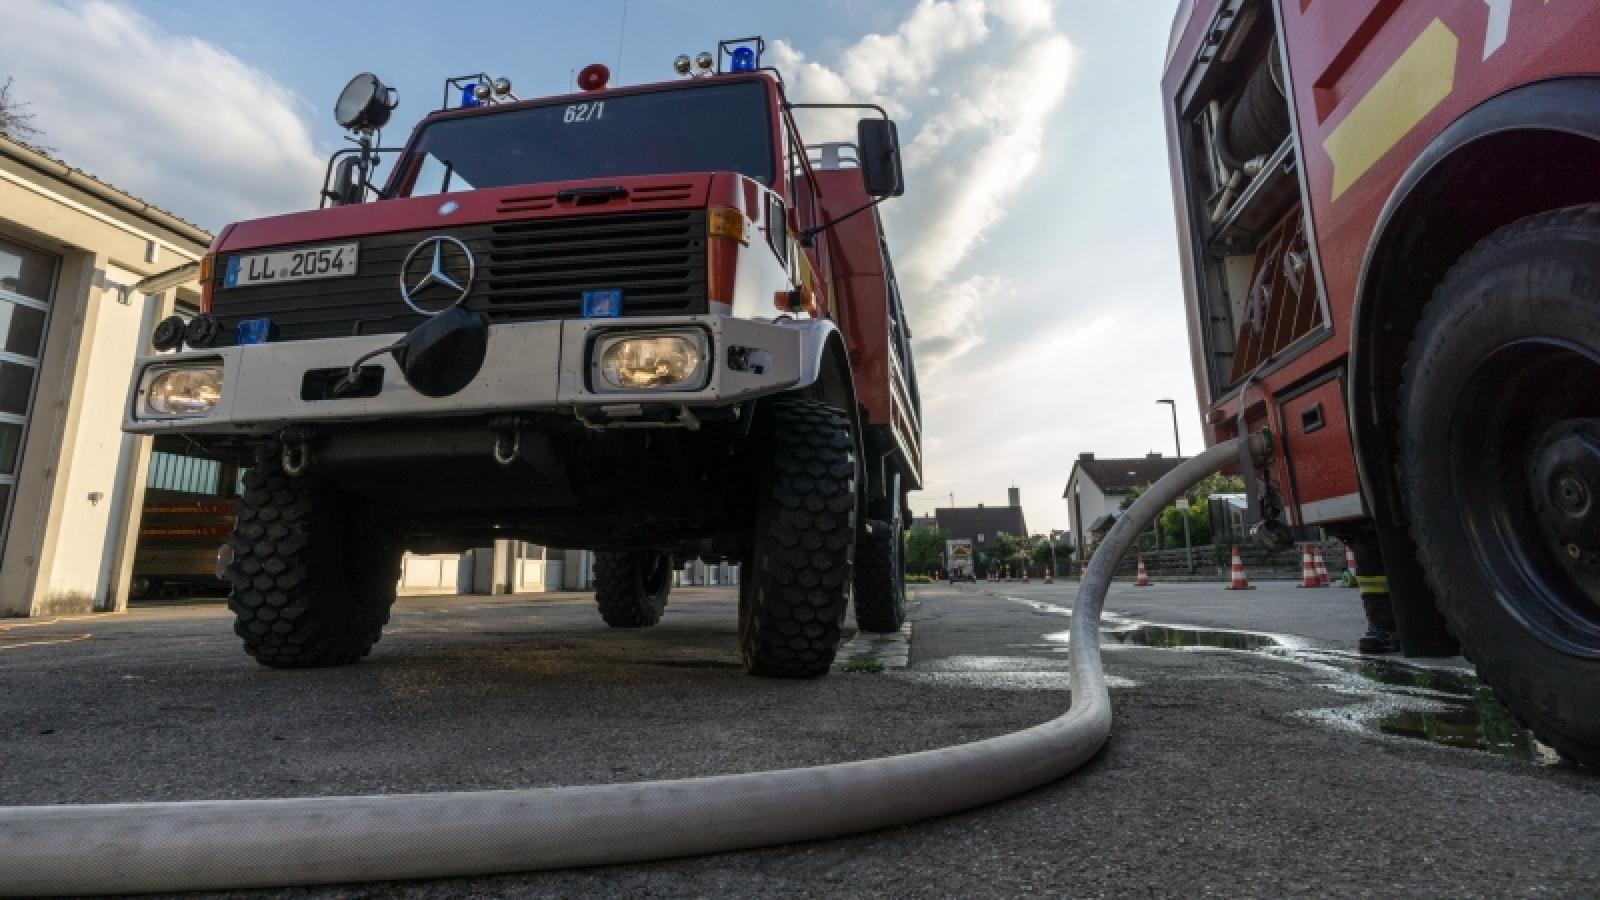 Rüstwagen RW1 | 62/1